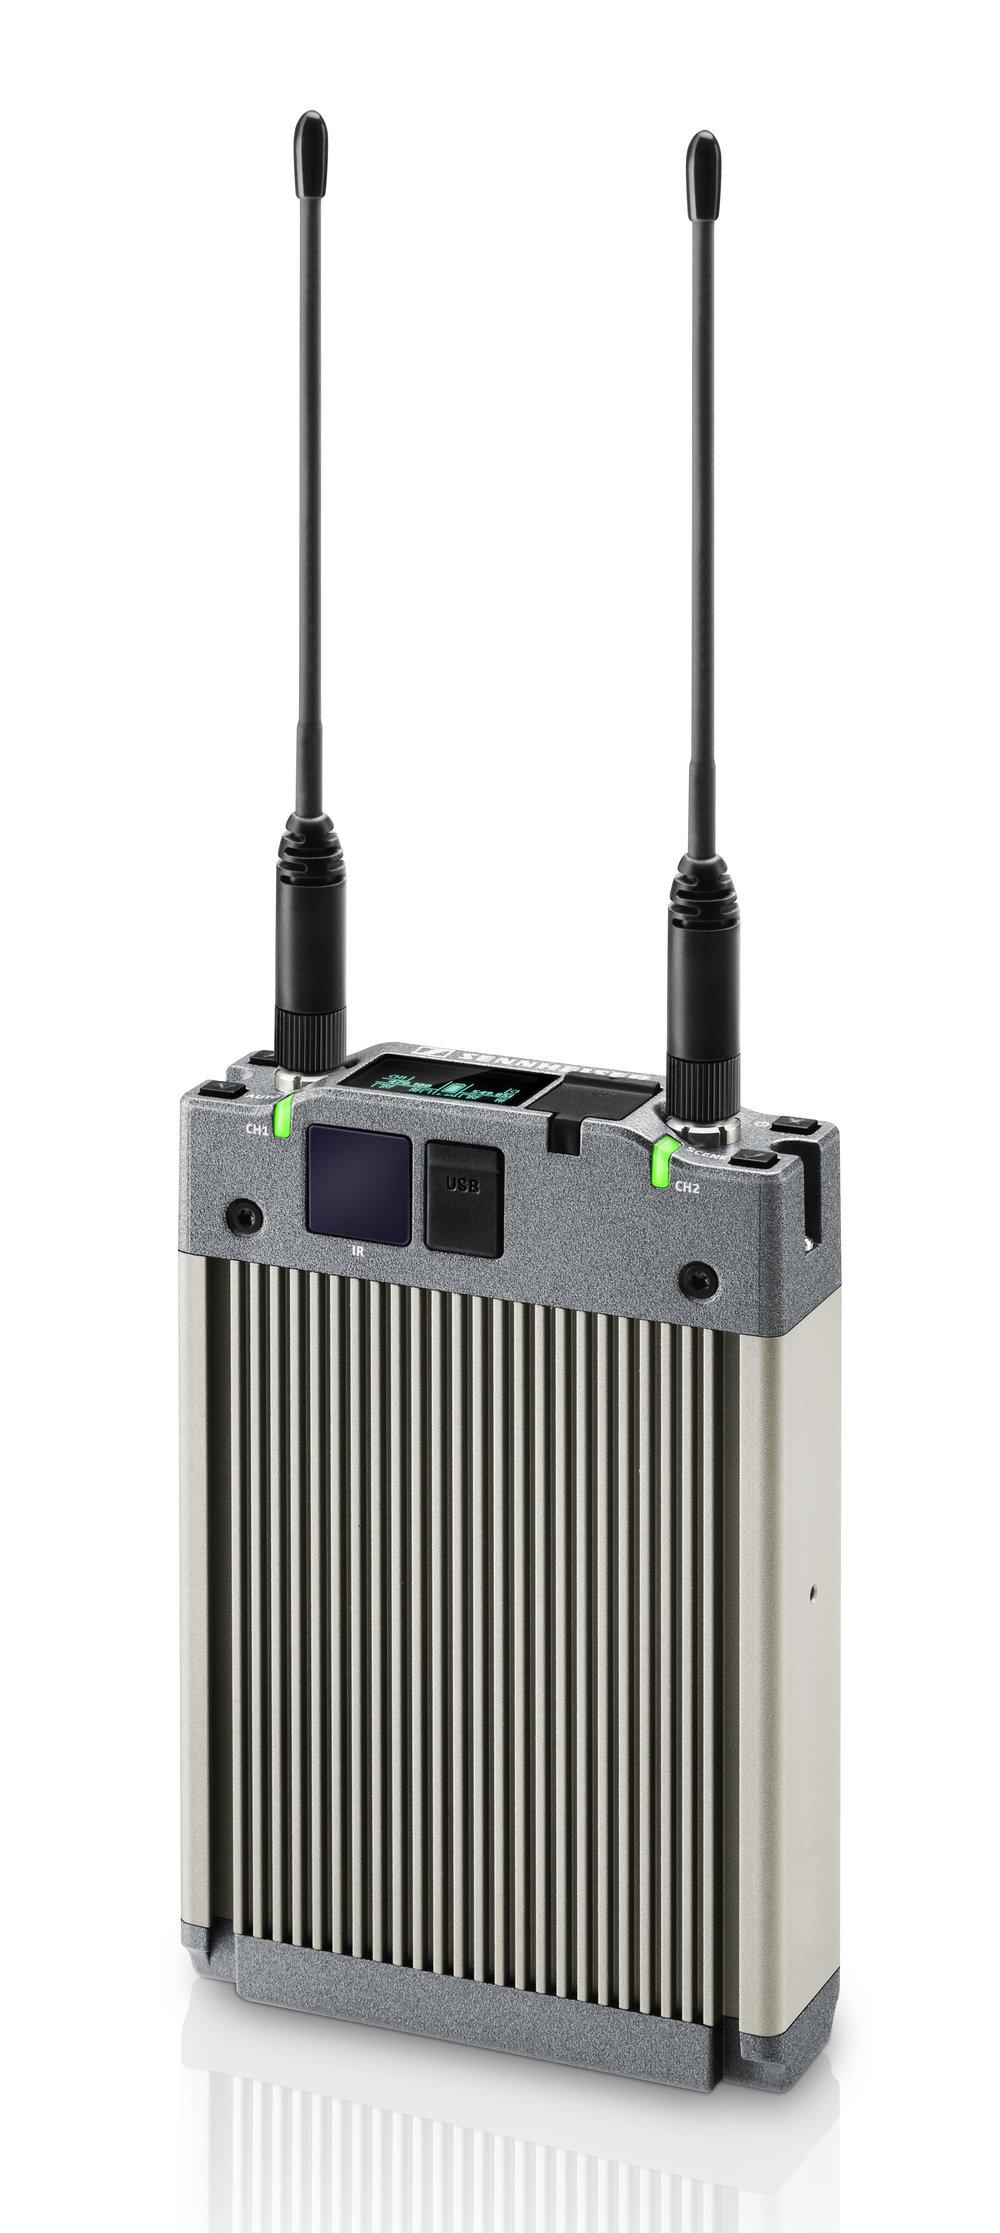 EK 6042 är en gedigen pjäs som är kompatibel med de digitala systemen SK 6000 och SK 9000, samt de analoga systemen SK 100, SK 300, SK 2000, SK 3000 och SK 5000.